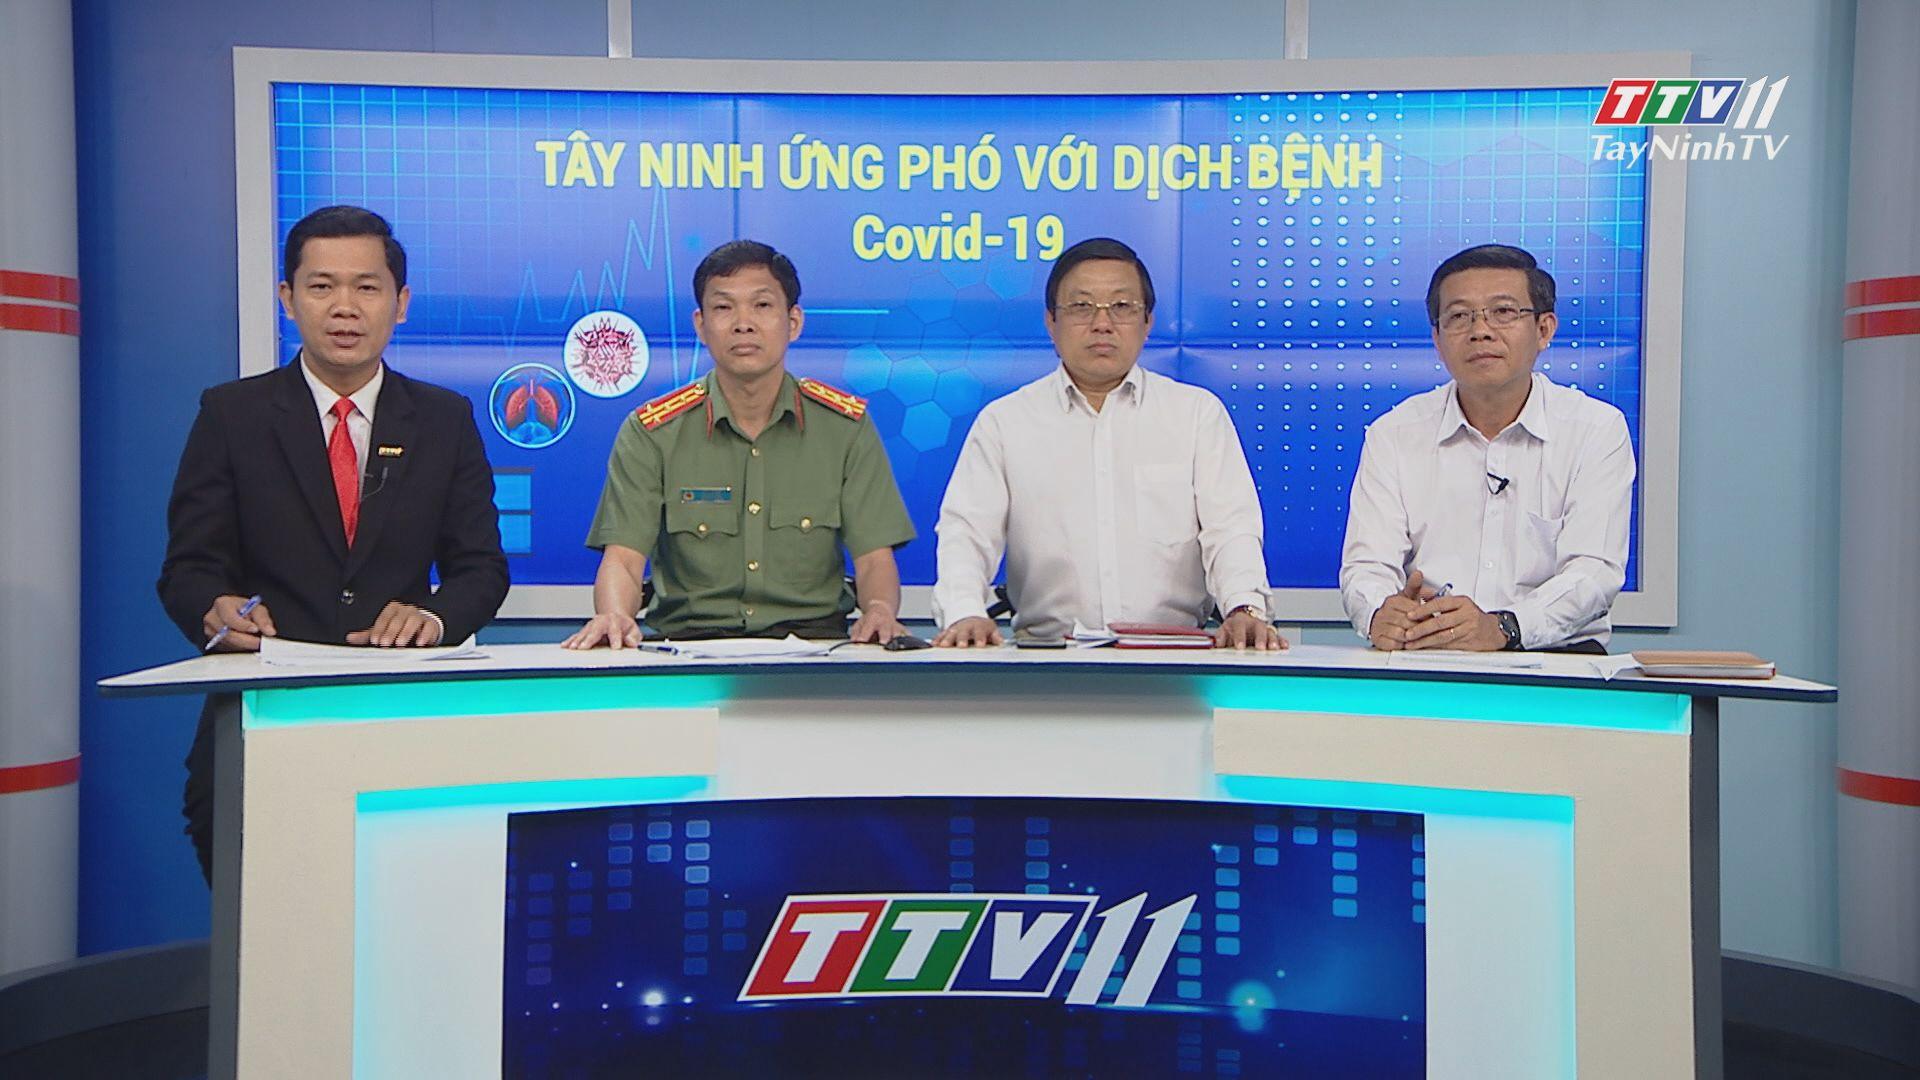 TỌA ĐÀM - Tây Ninh ứng phó với dịch Covid-19 | TIẾNG NÓI CỬ TRI | TayNinhTV